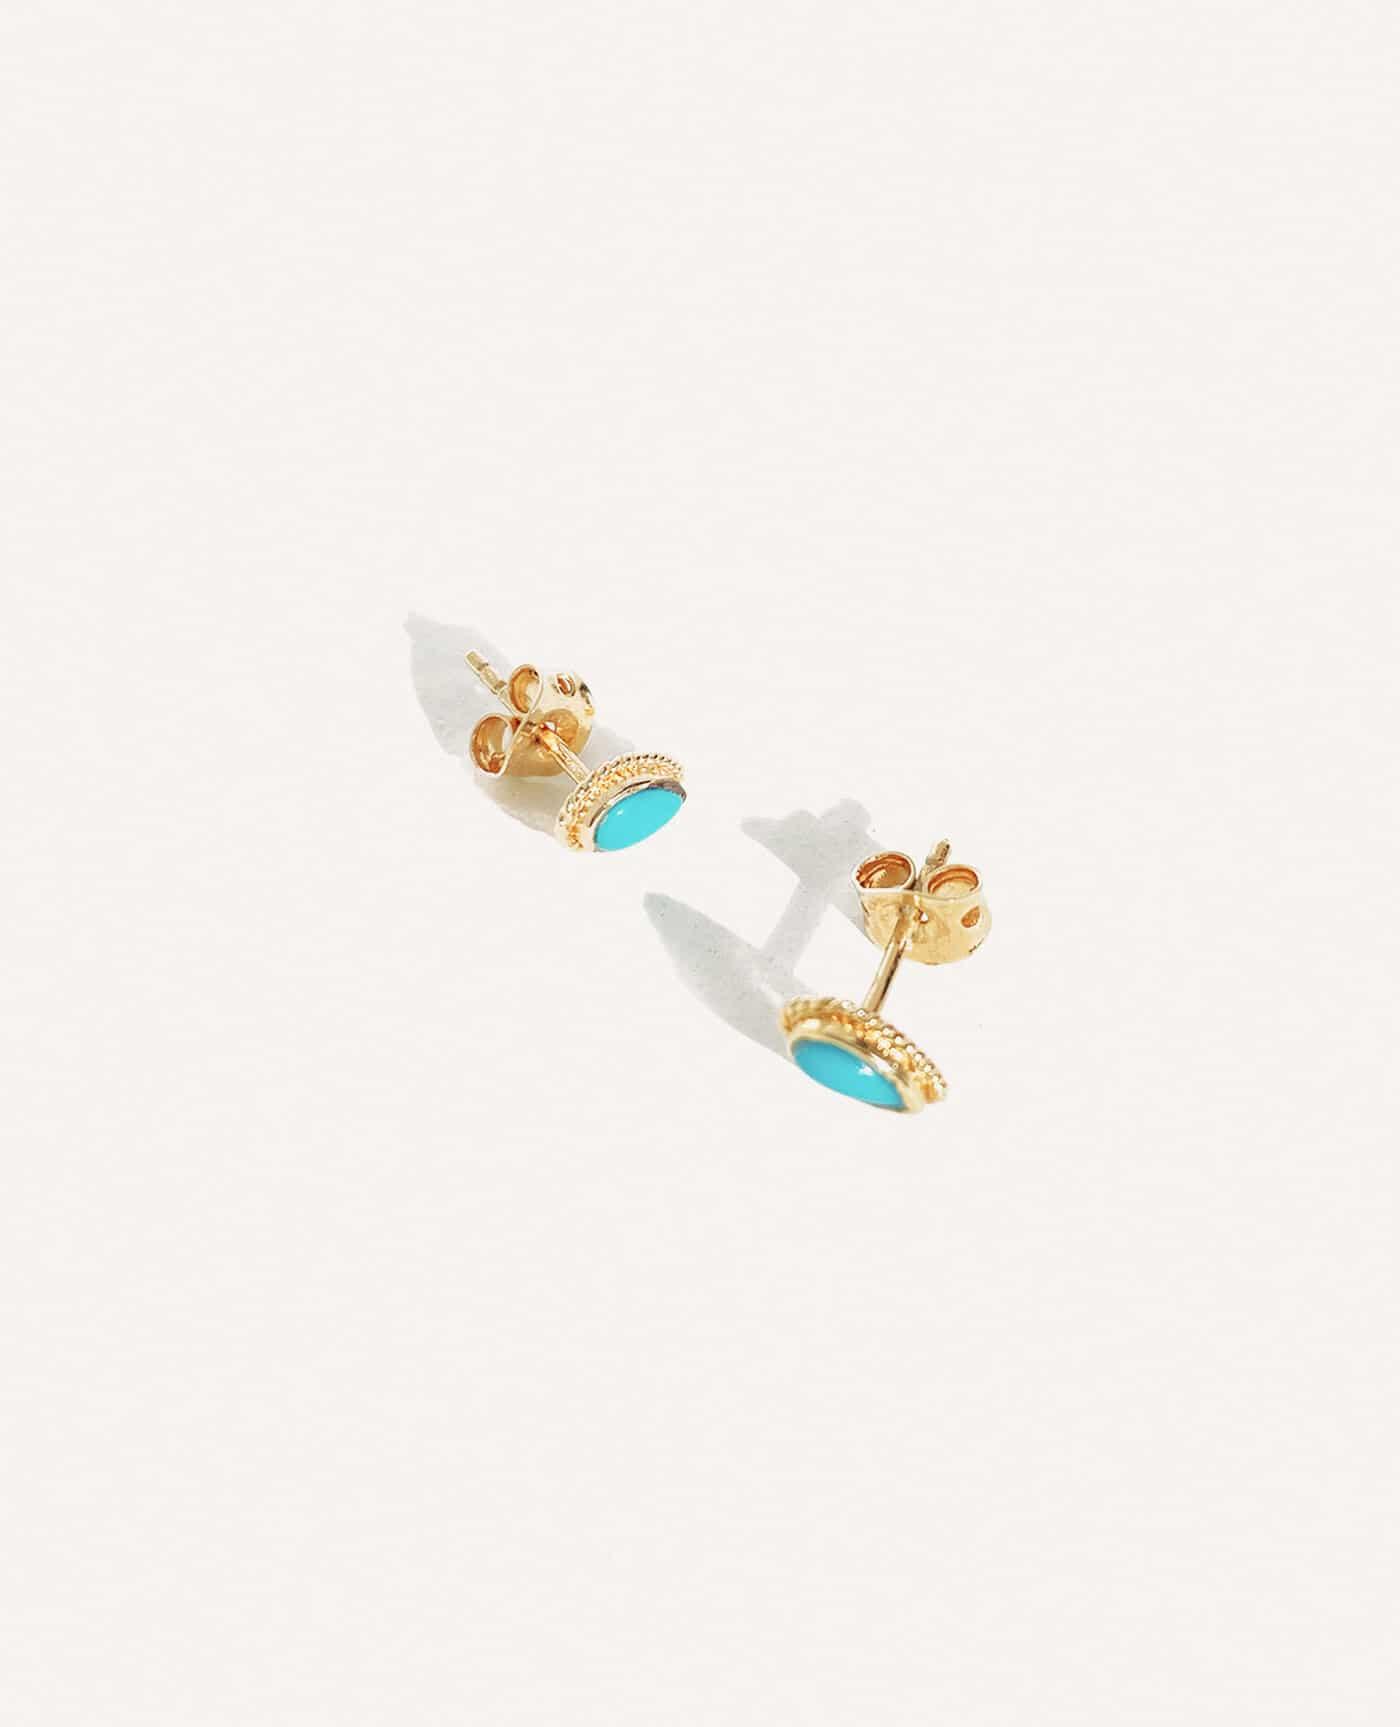 Boucles d'oreilles puces turquoises de la marque Luj Paris